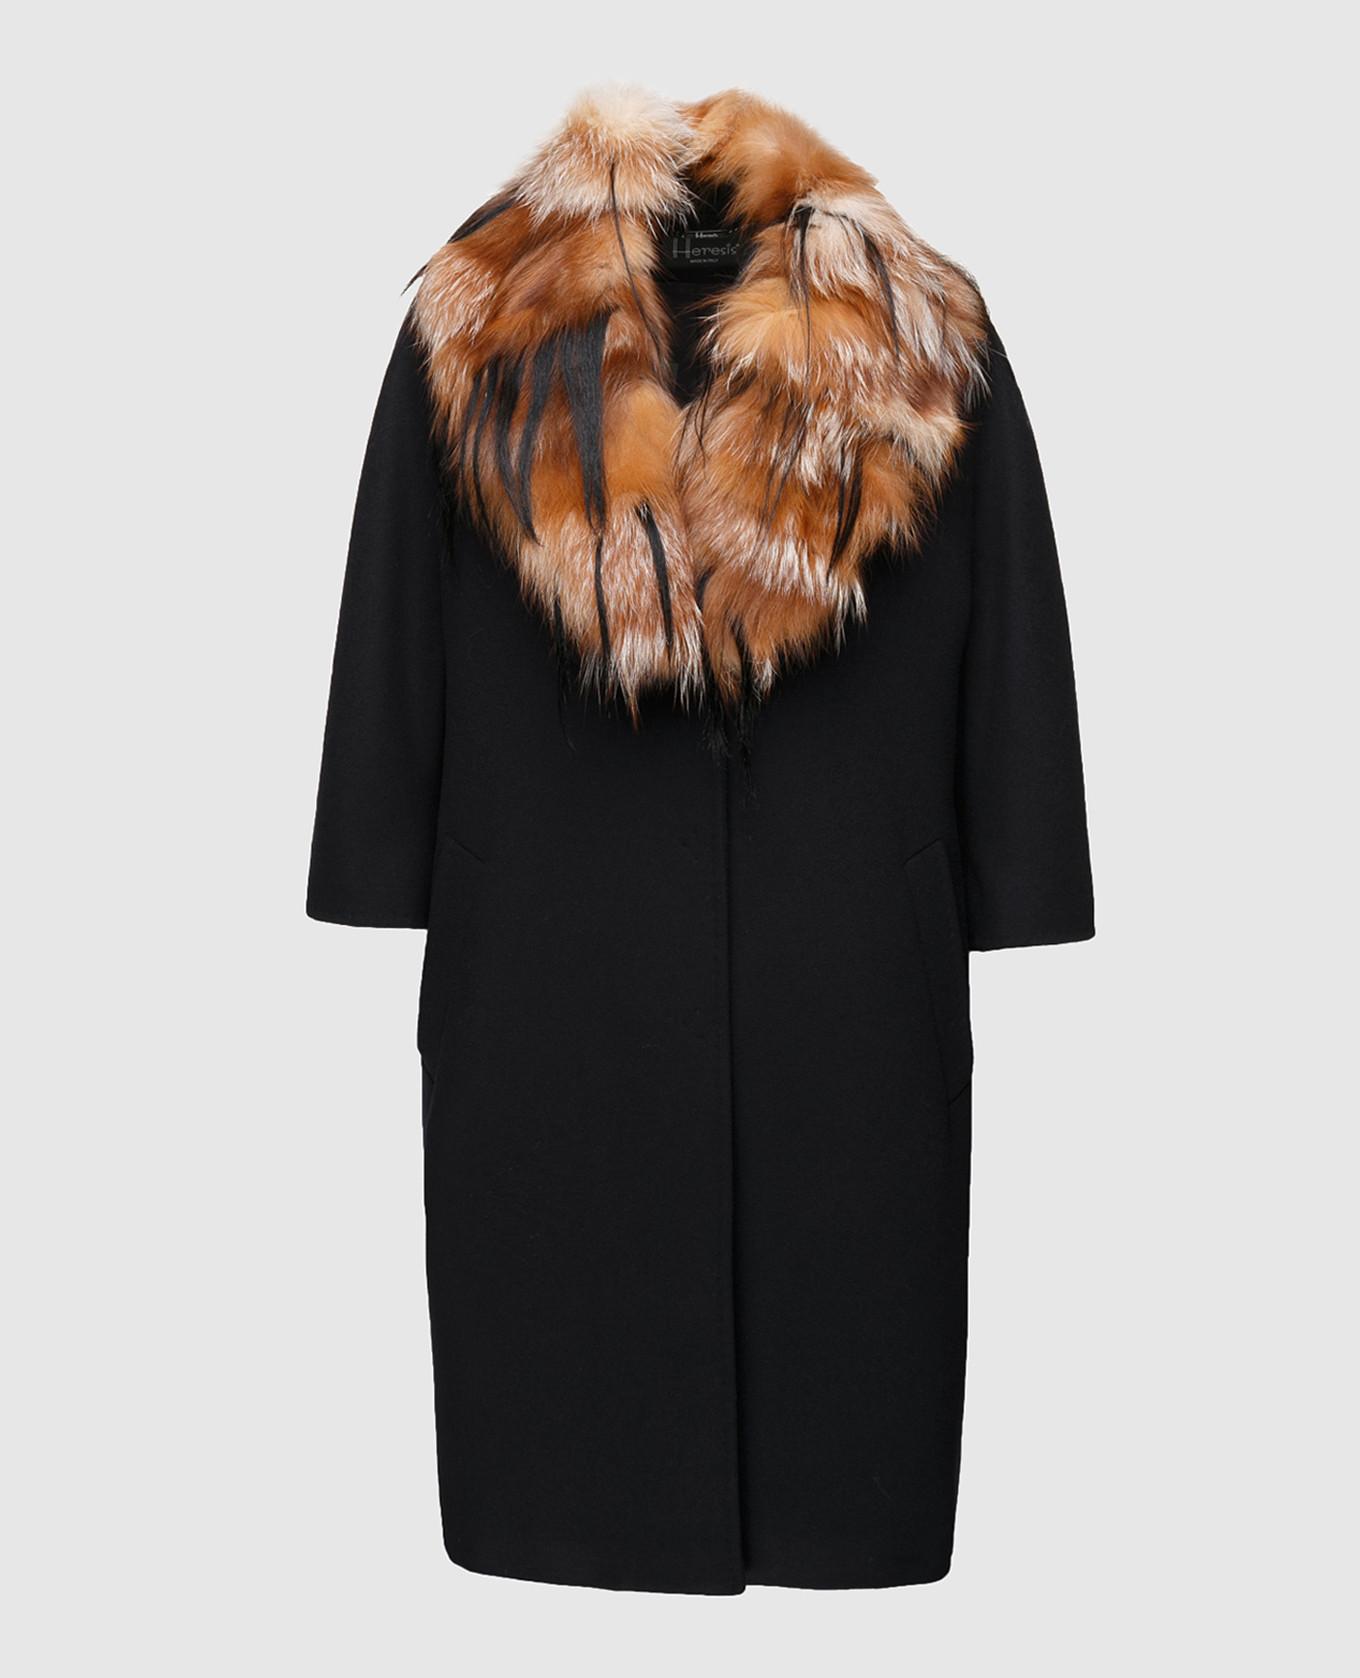 Пальто из шерсти со съемным воротником из меха лисы